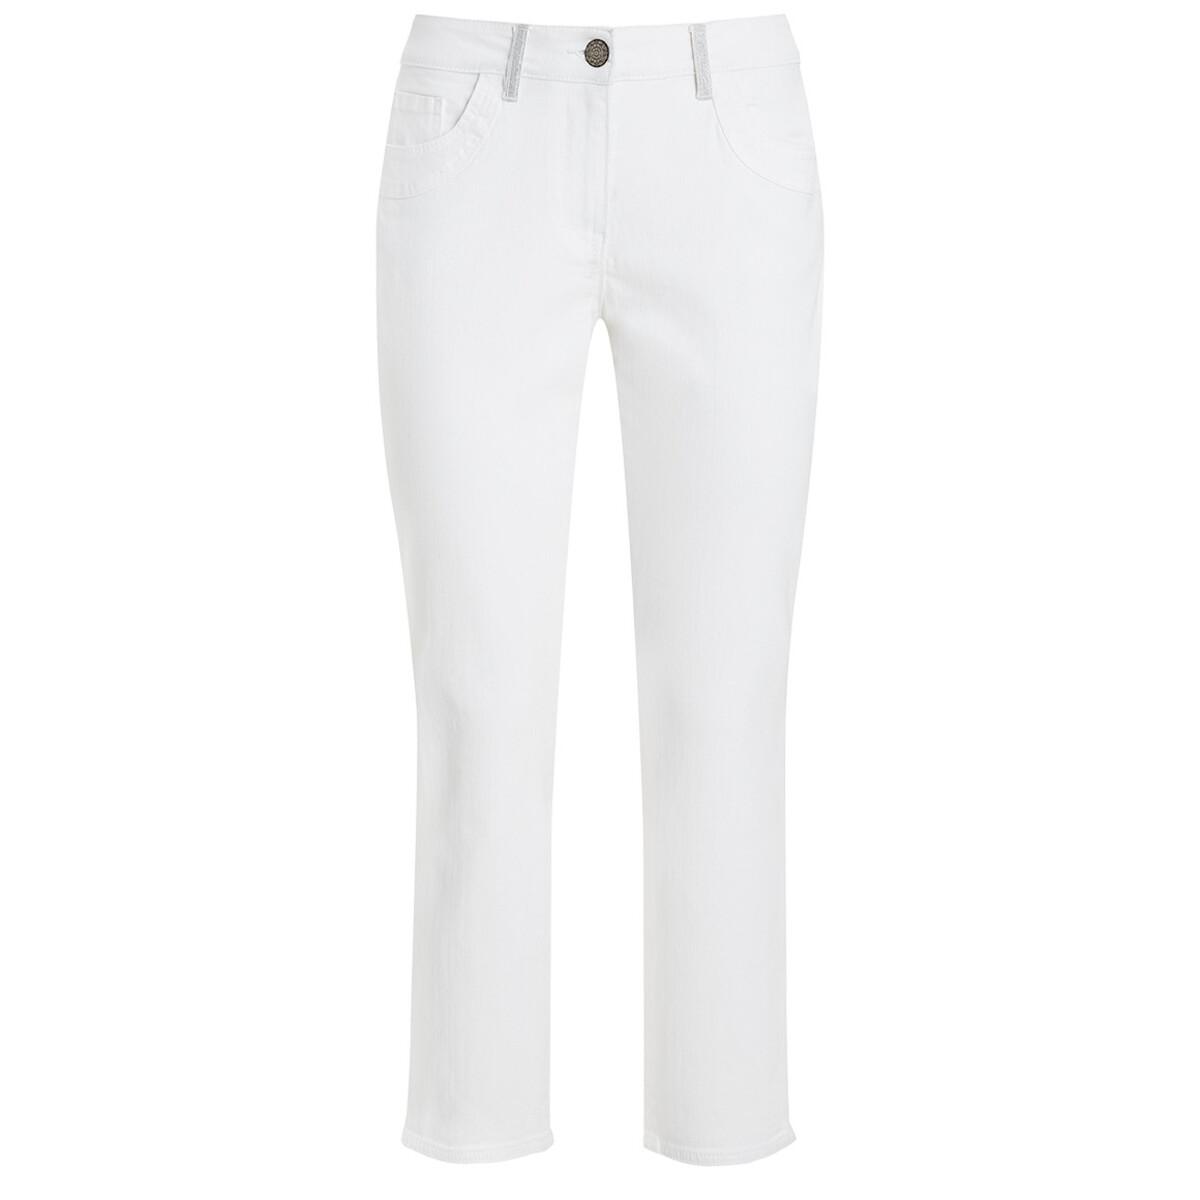 Bild 1 von 7/8 Damen Slim-Jeans mit Glitzerdetails